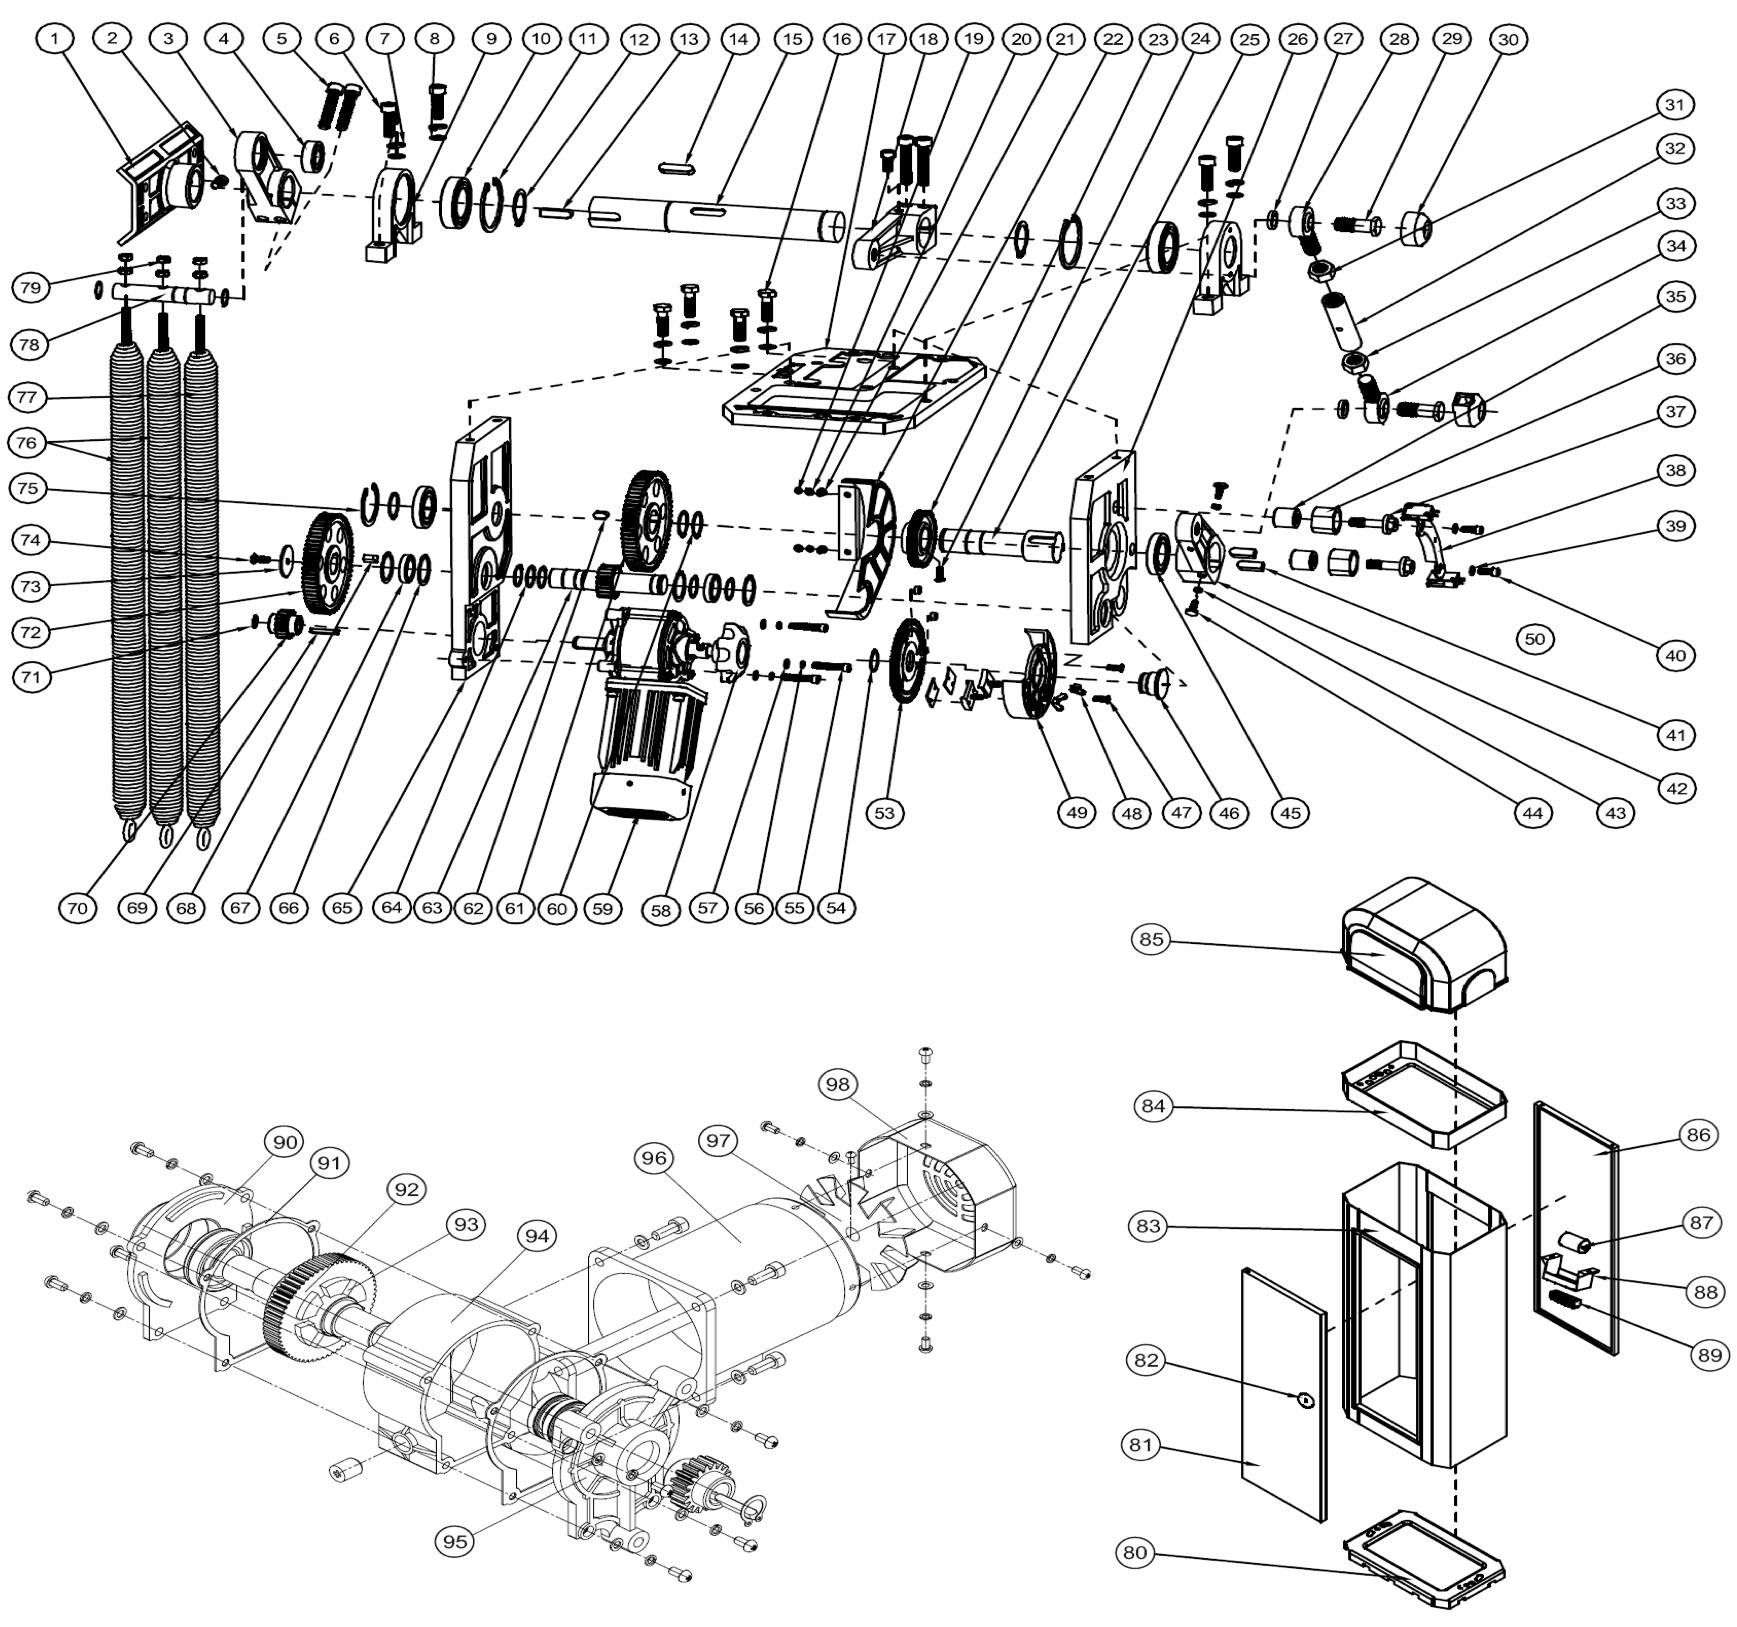 привод doorhan sliding 1300 электрическая схема